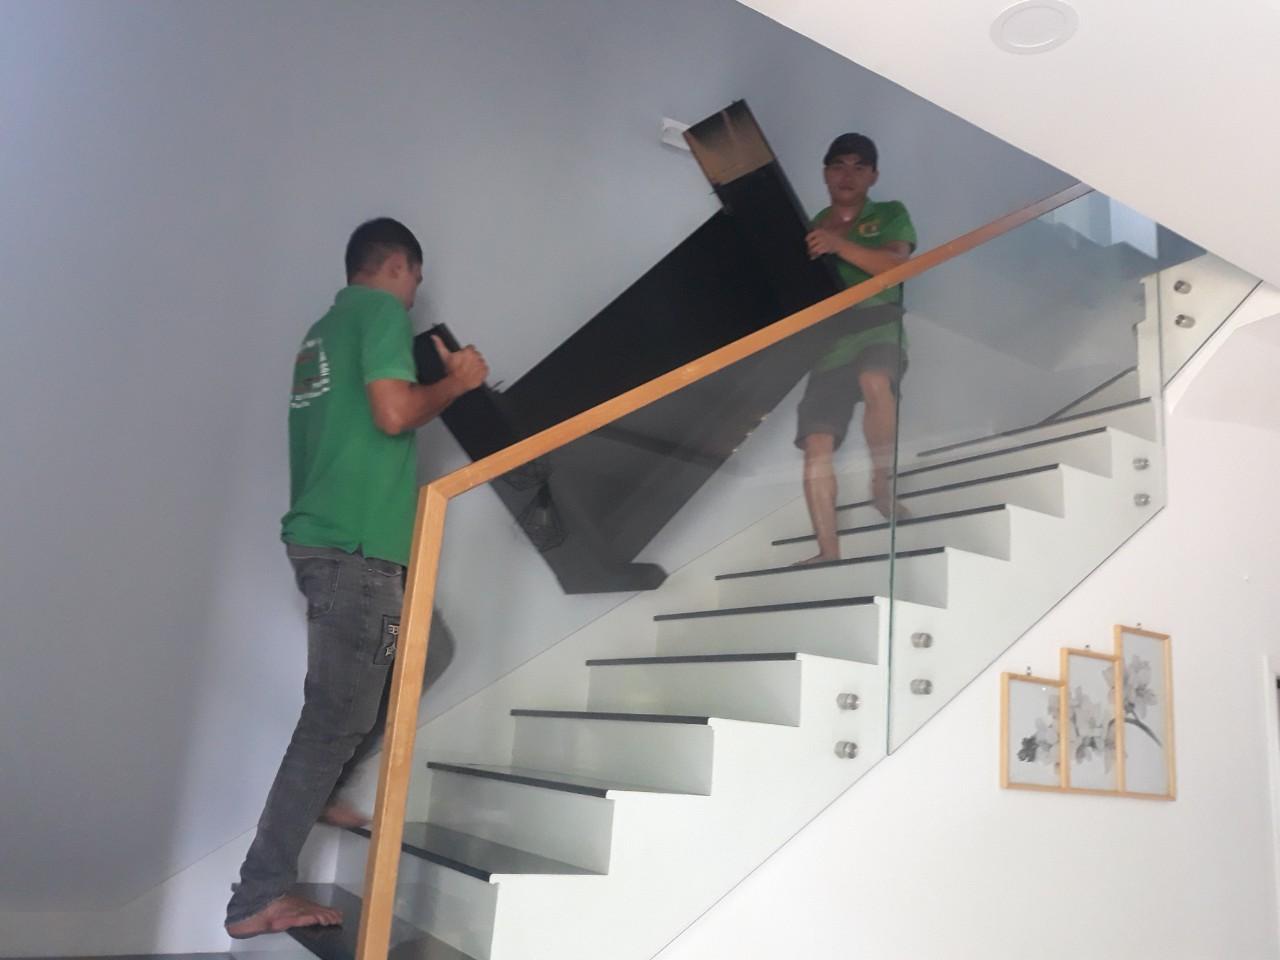 Bốc xếp vận chuyển đồ lên lầu